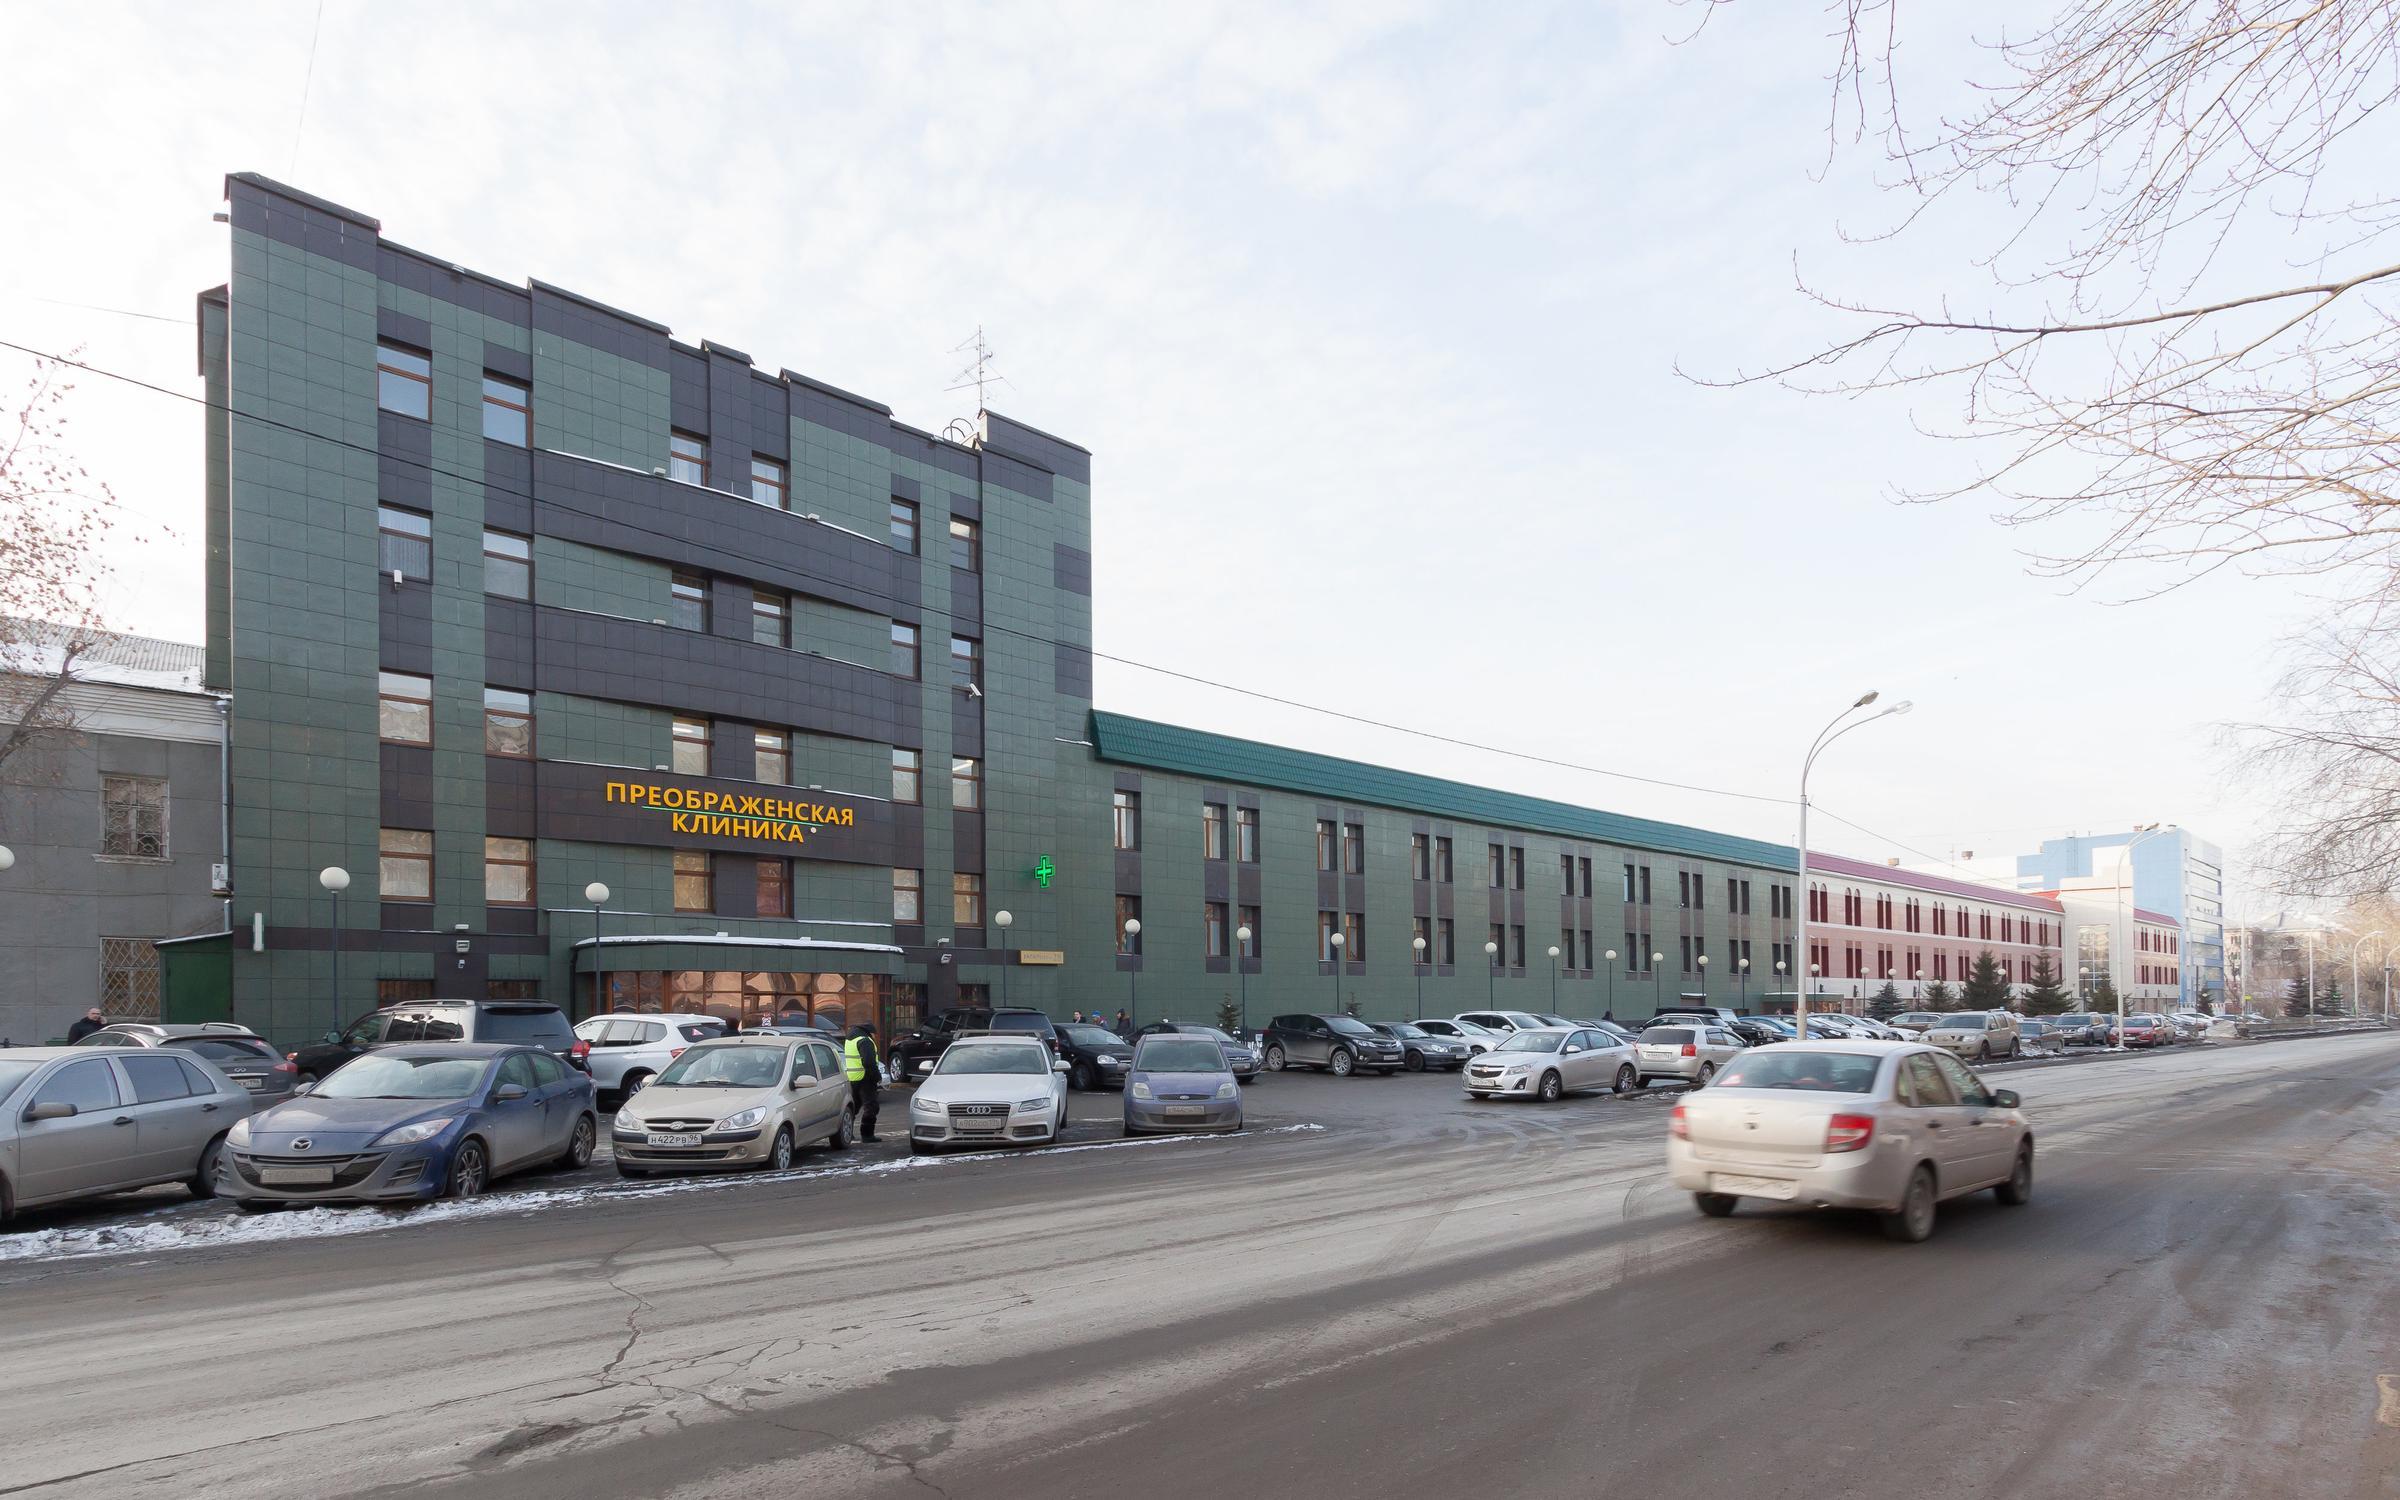 фотография Преображенская клиника на улице Гагарина